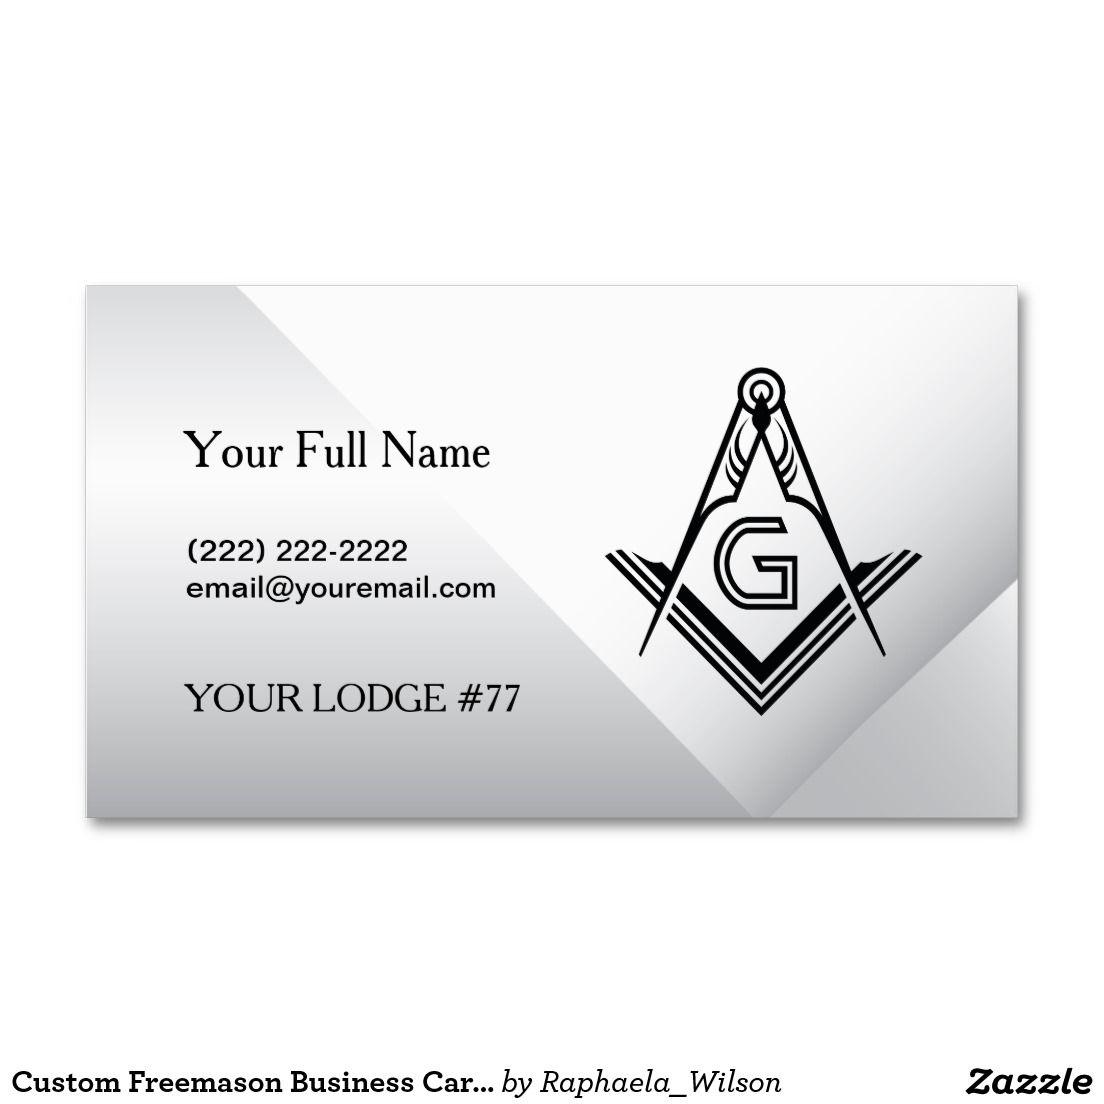 Custom Freemason Business Cards - Masonic Card | Custom Masonic ...